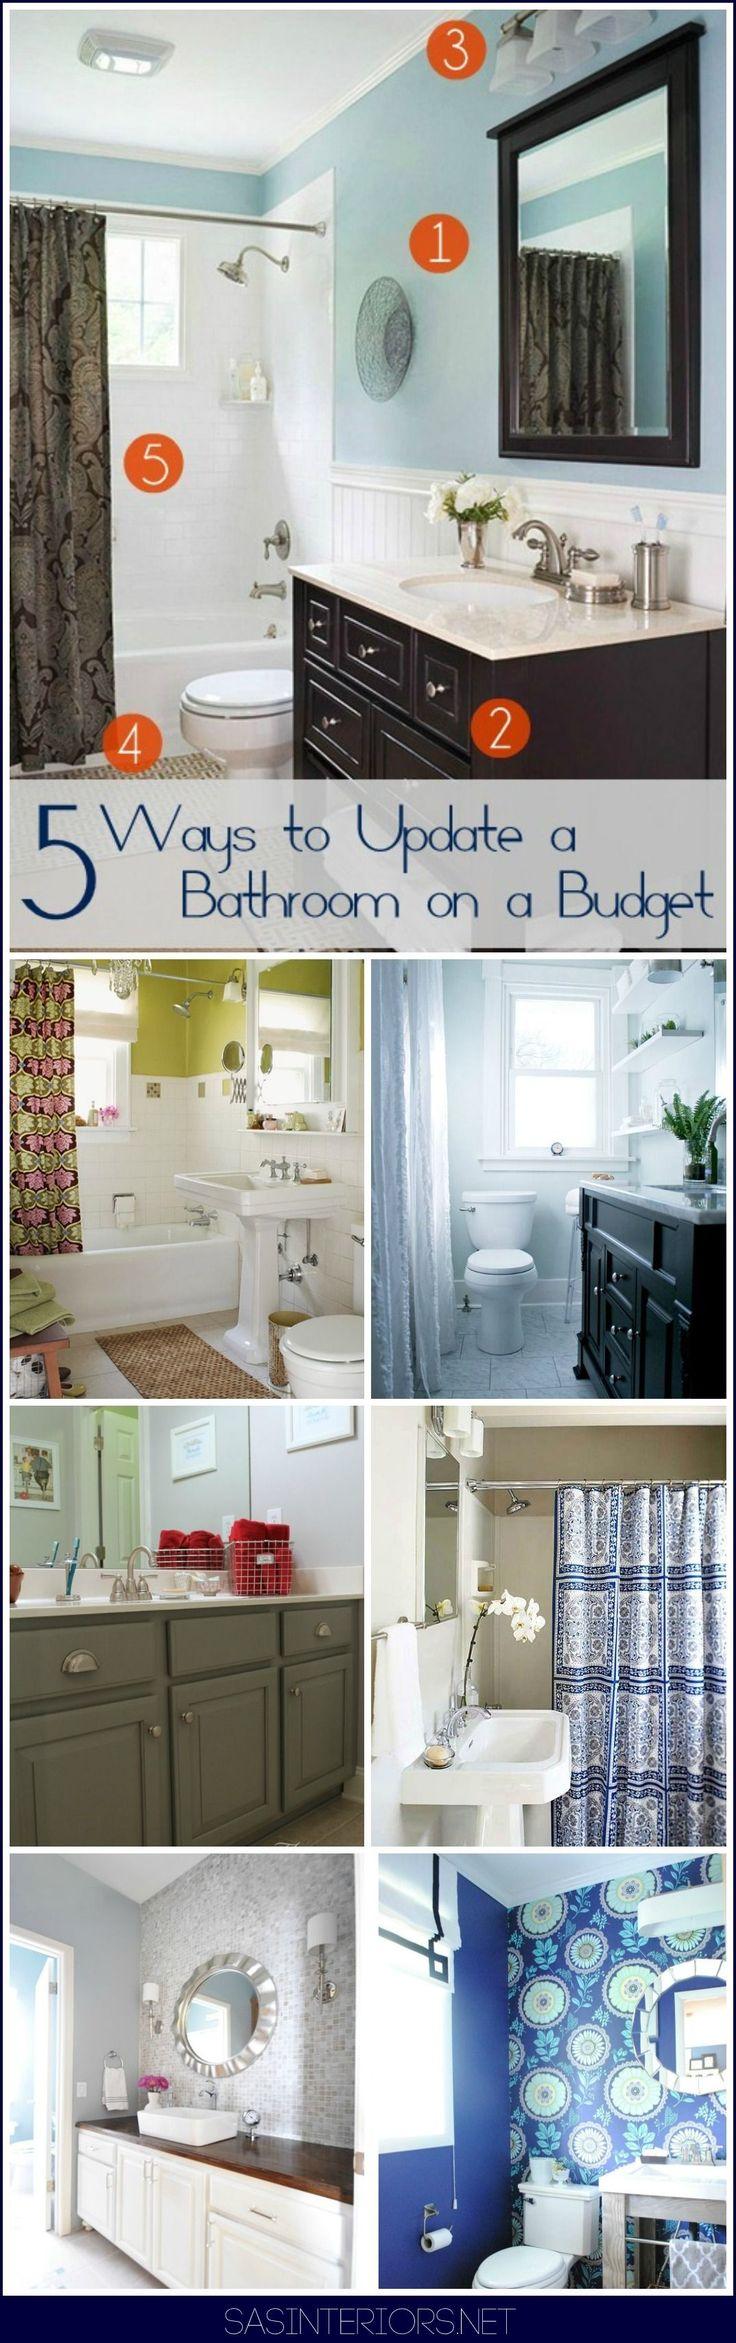 Id id ideas de cocina de los pa ses de bricolaje - 5 Ways To Update A Bathroom On A Budget